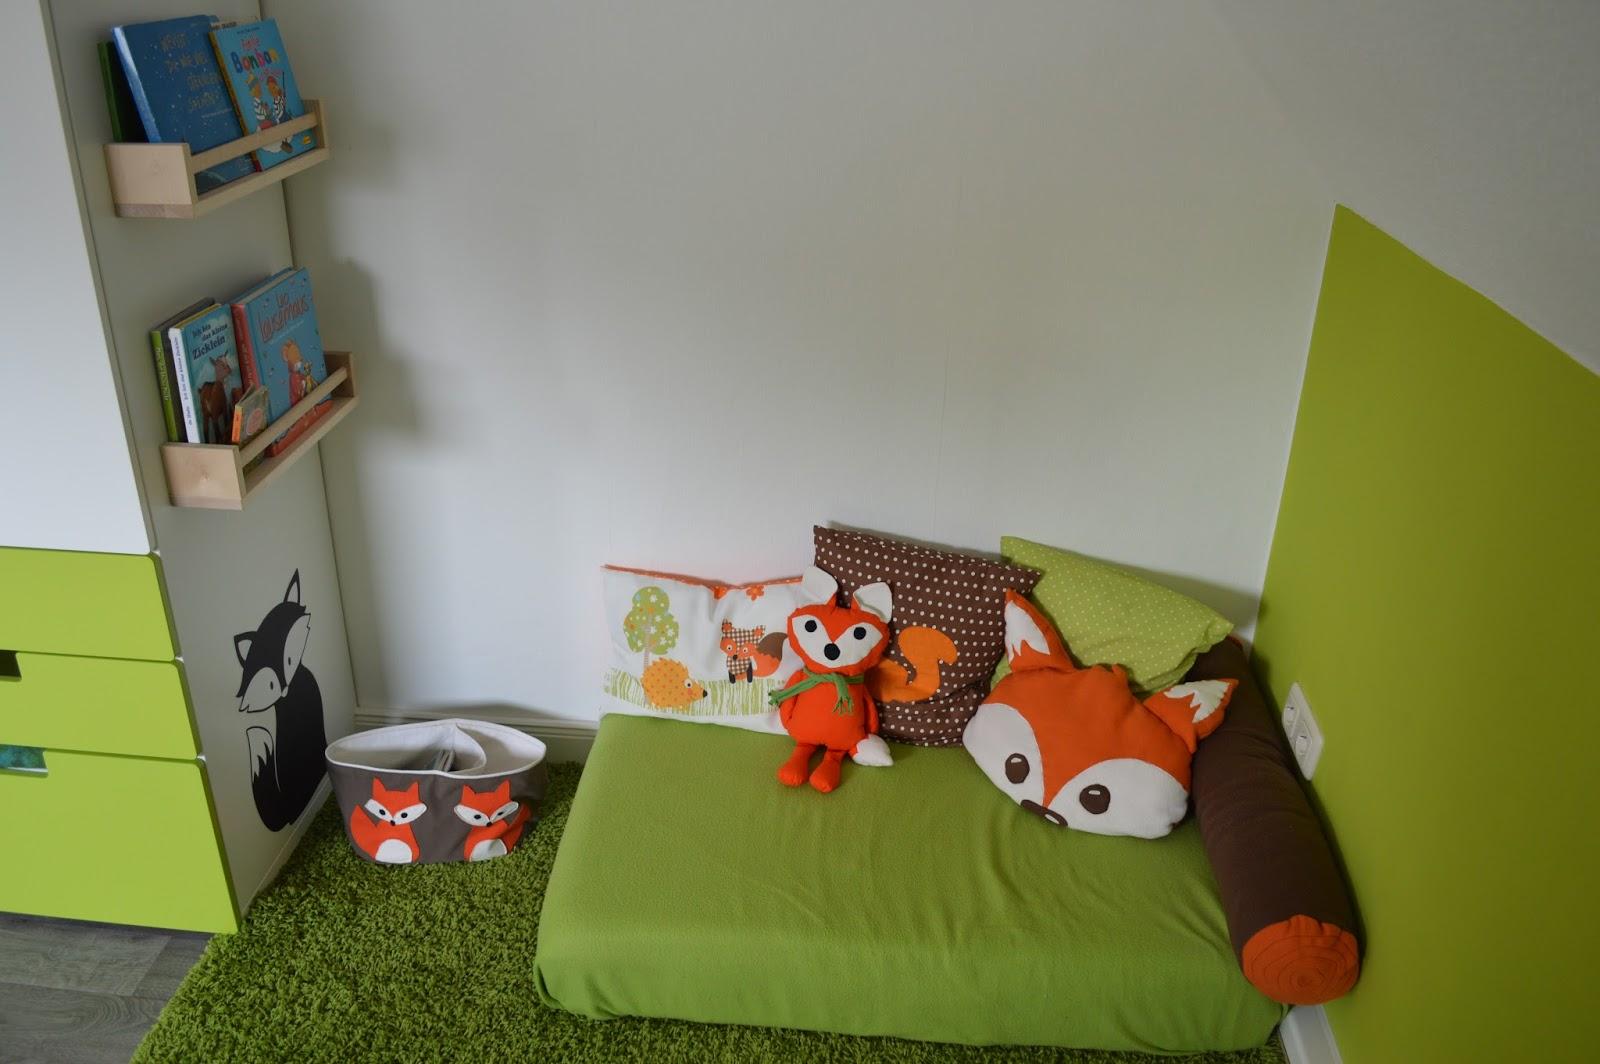 Kinderzimmer Kuschelecke  Jtleigh.com - Hausgestaltung Ideen